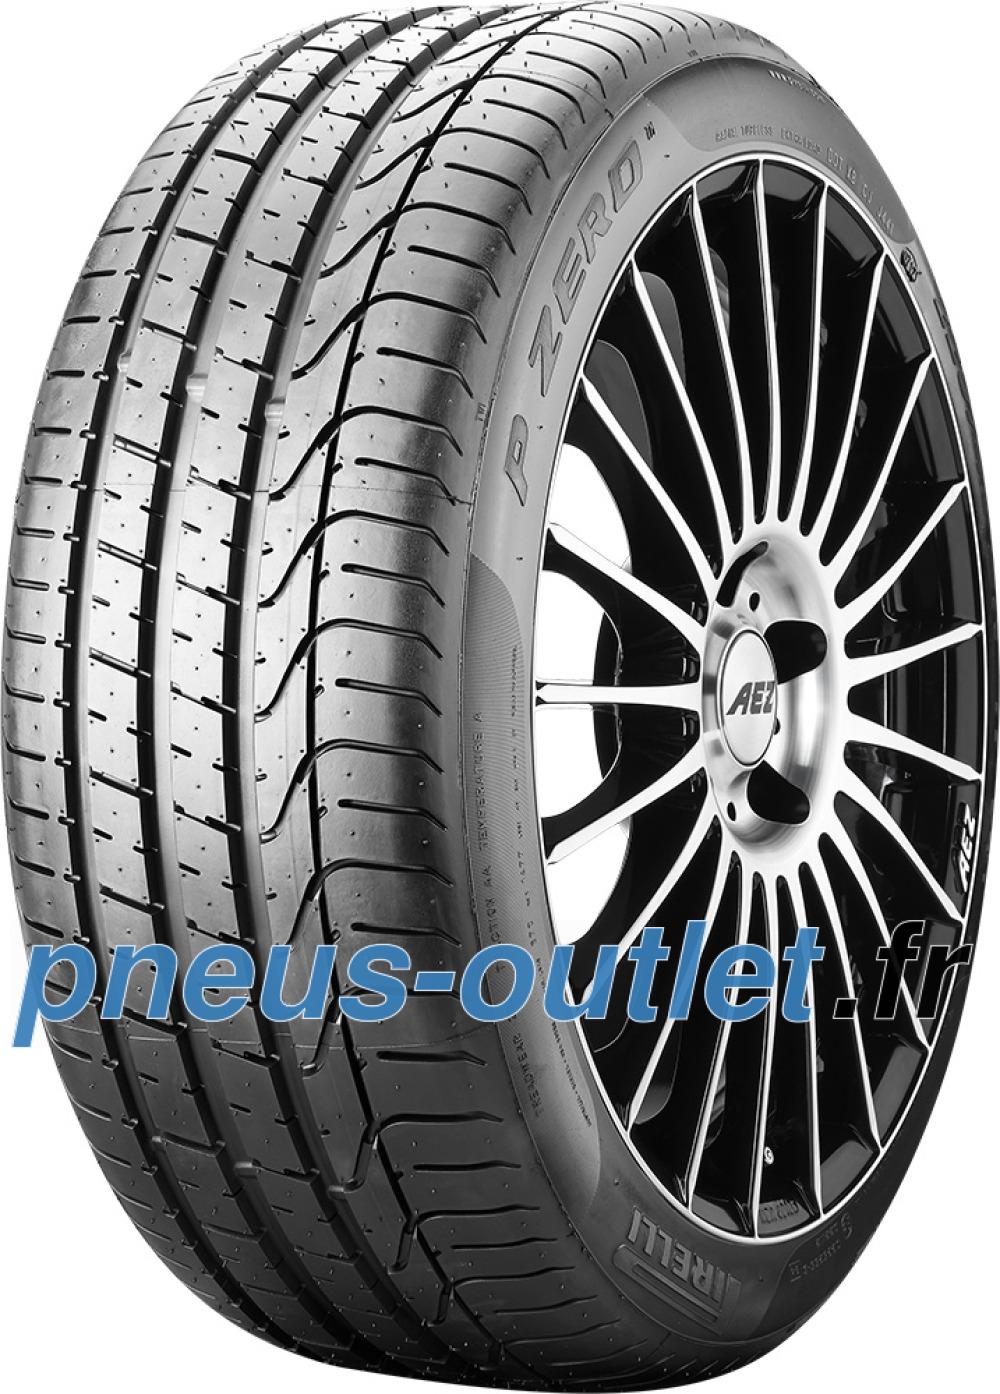 Pirelli P Zero ( 235/50 ZR18 (101Y) XL MGT, avec protège-jante (MFS) )